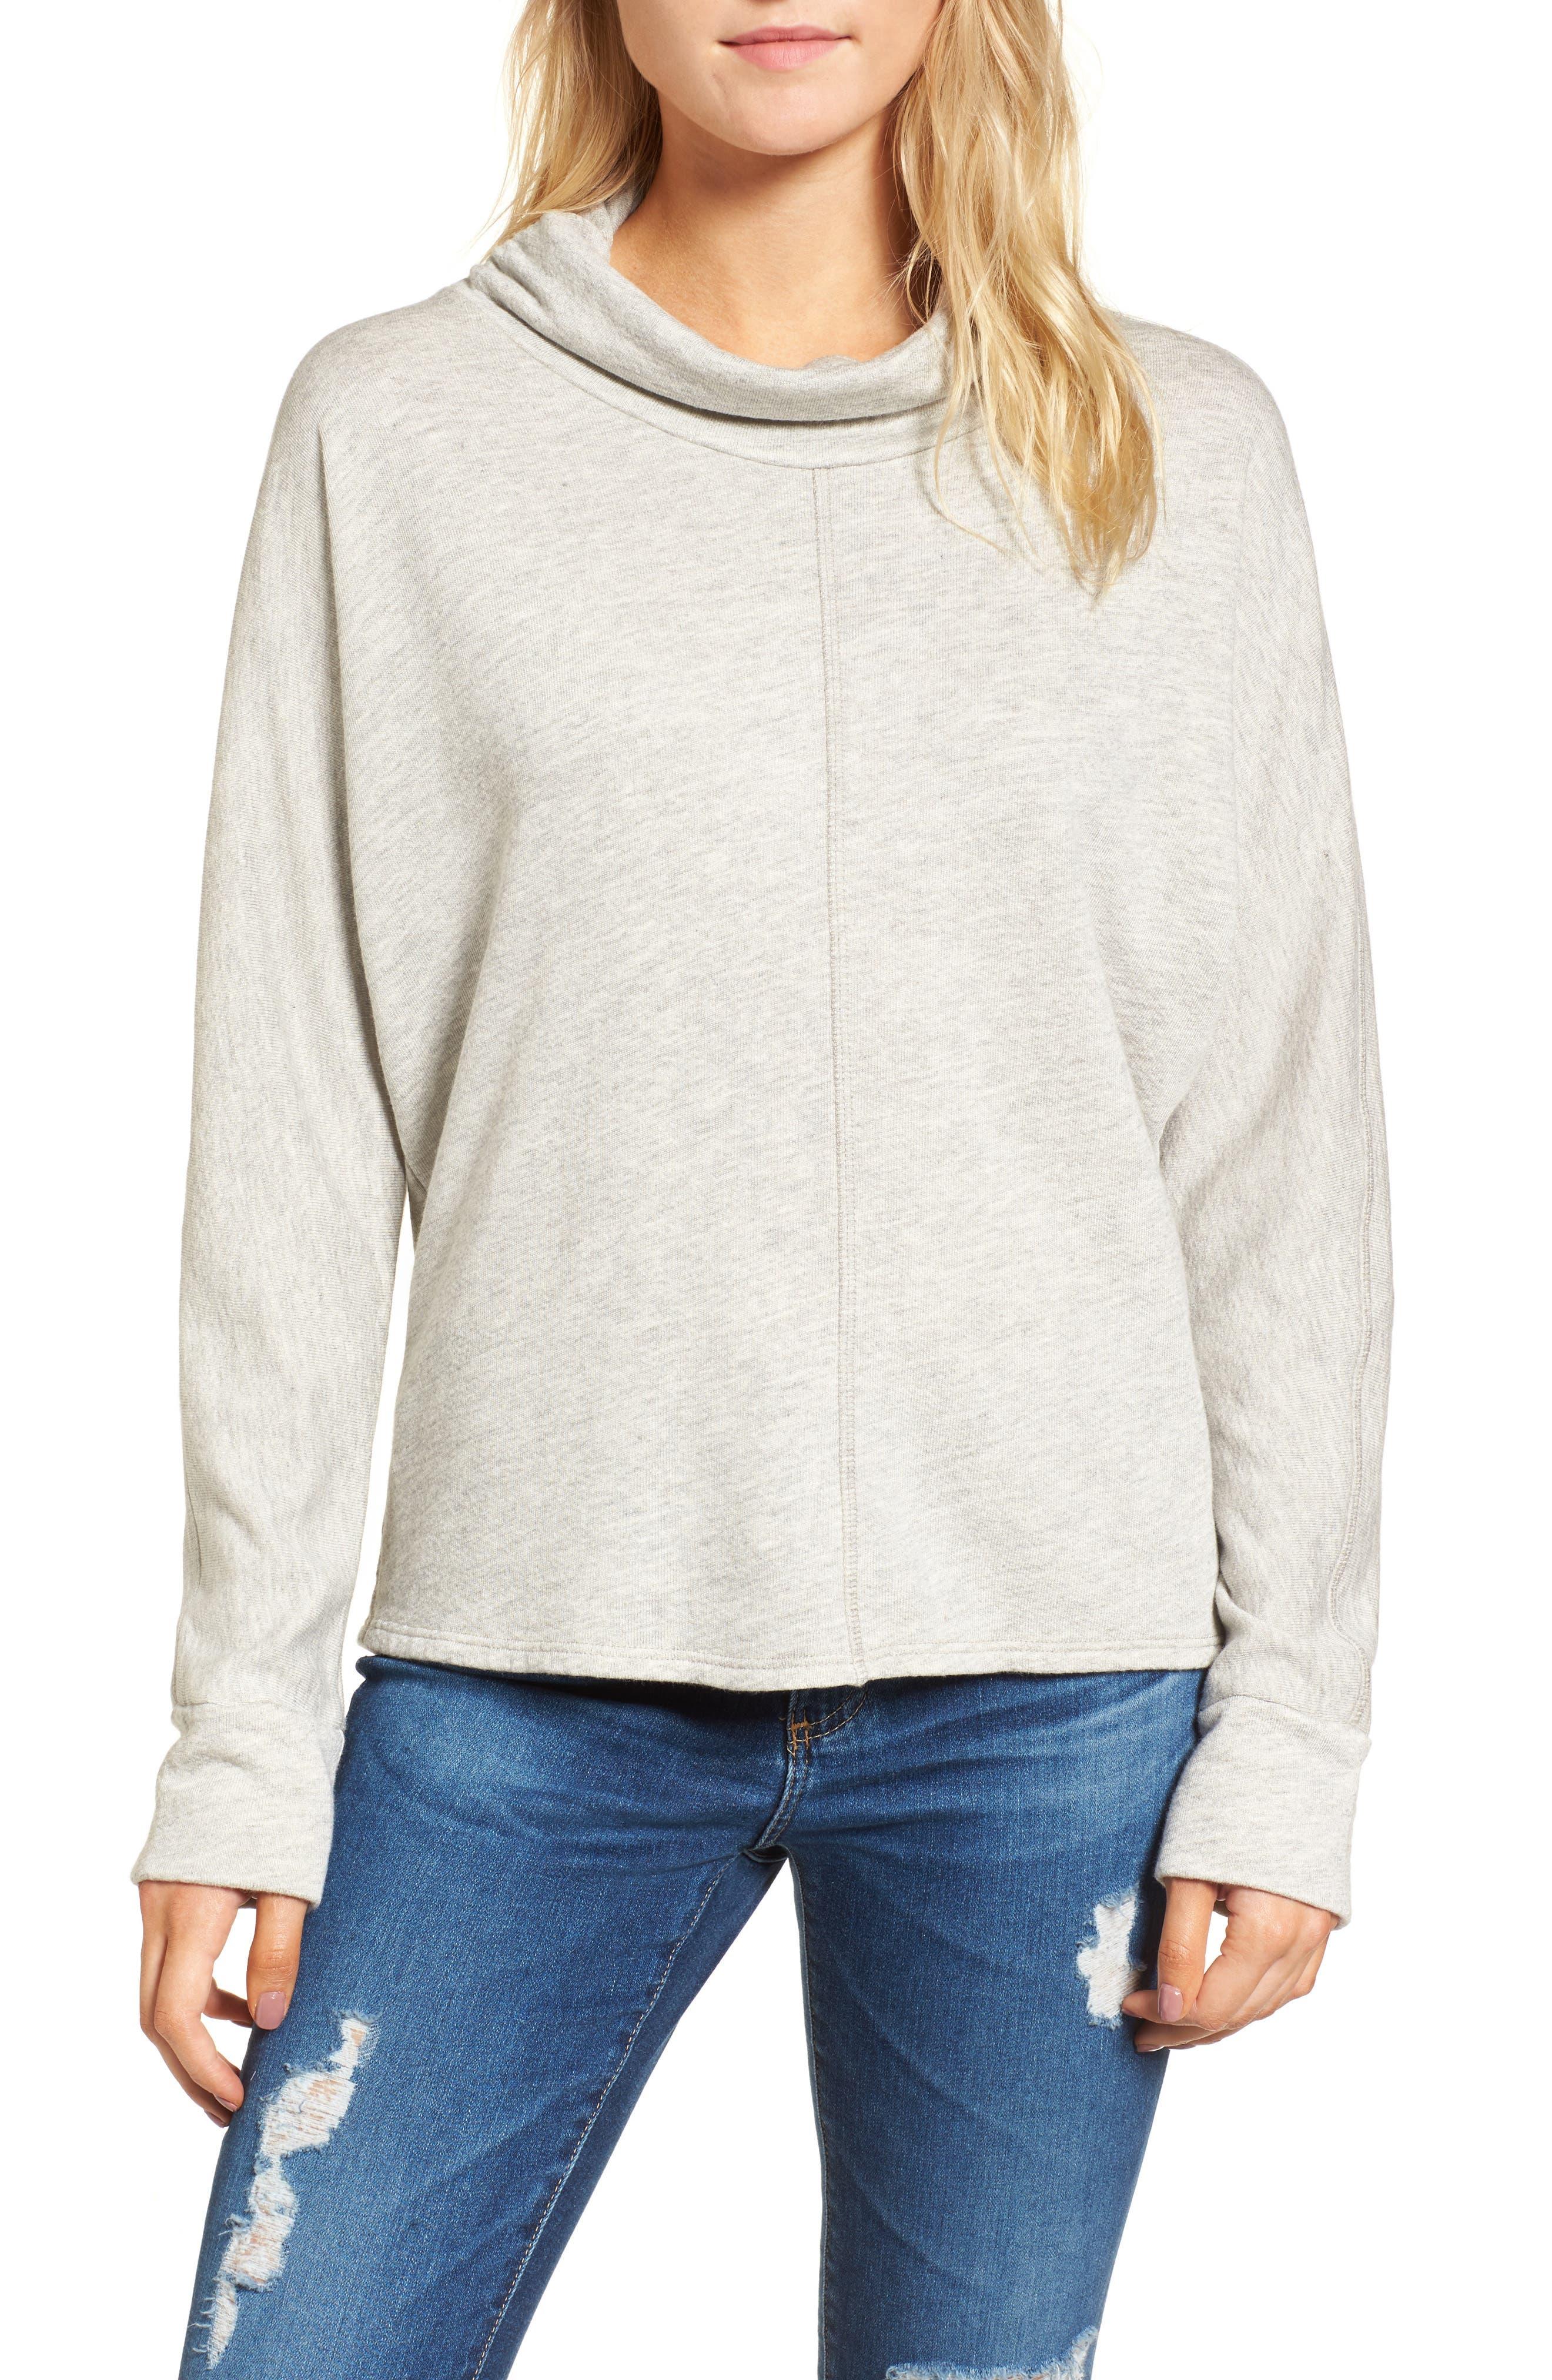 Helix Turtleneck Sweatshirt,                         Main,                         color, 030